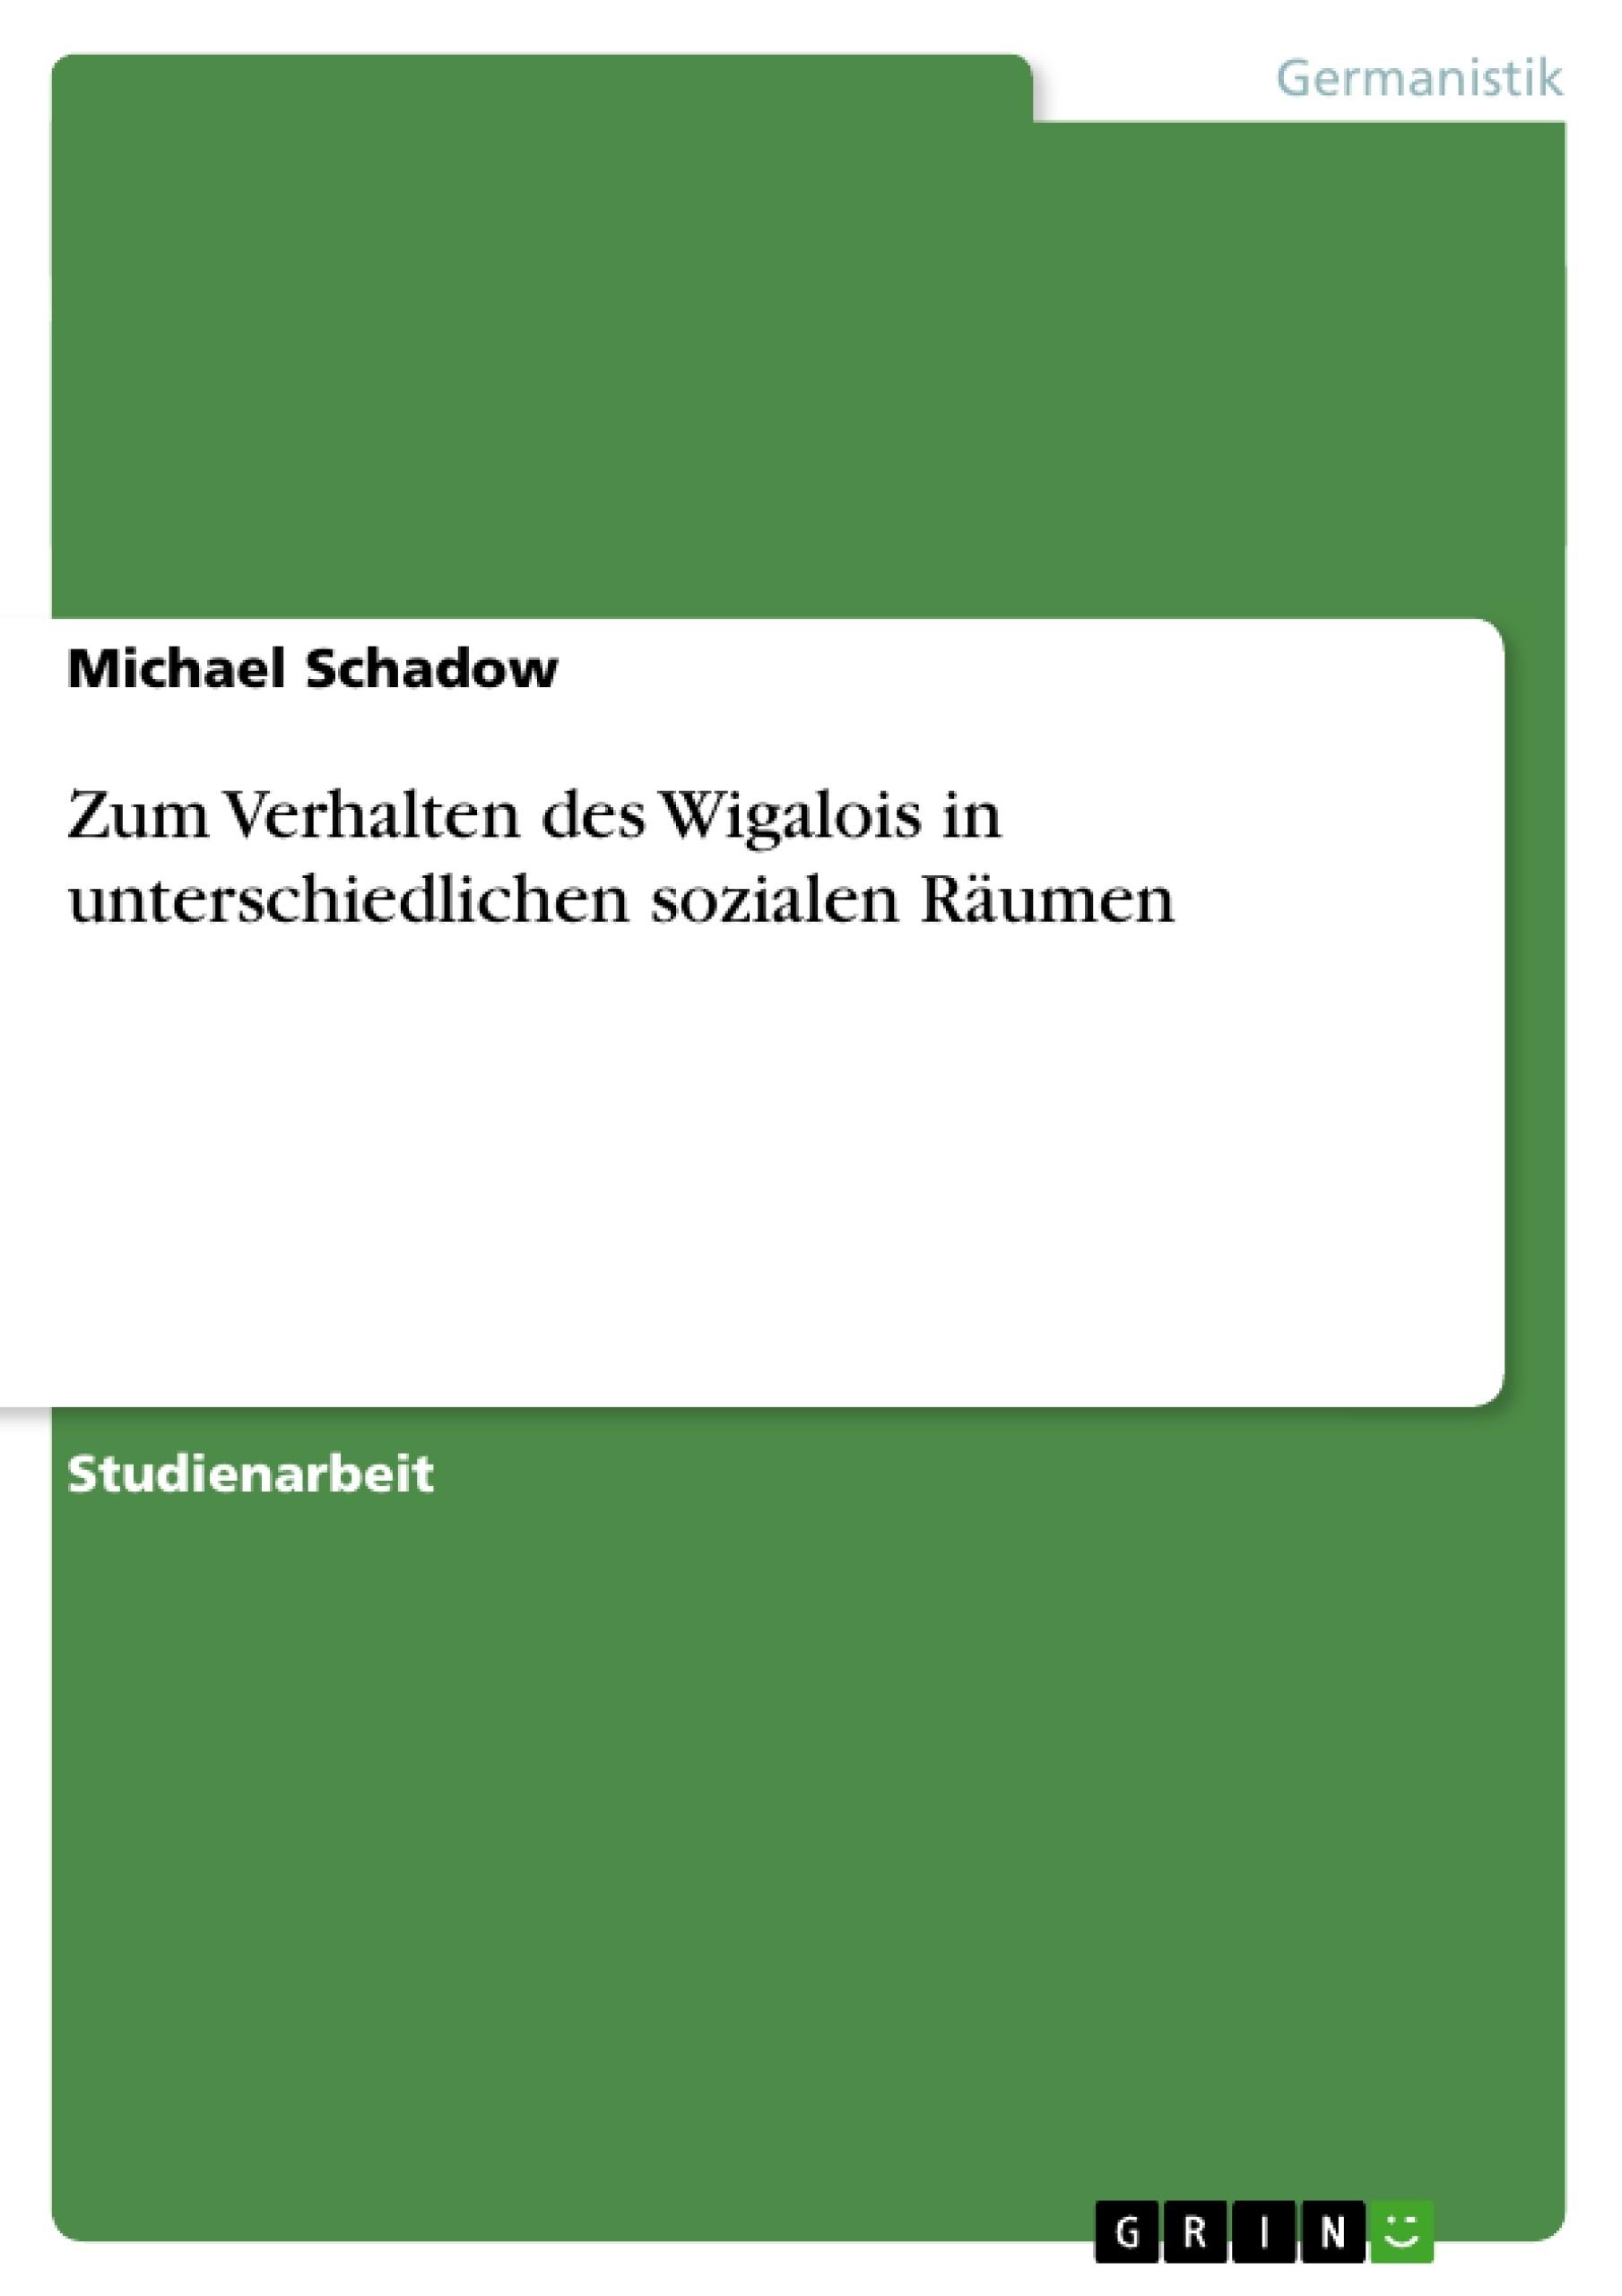 Titel: Zum Verhalten des Wigalois in unterschiedlichen sozialen Räumen